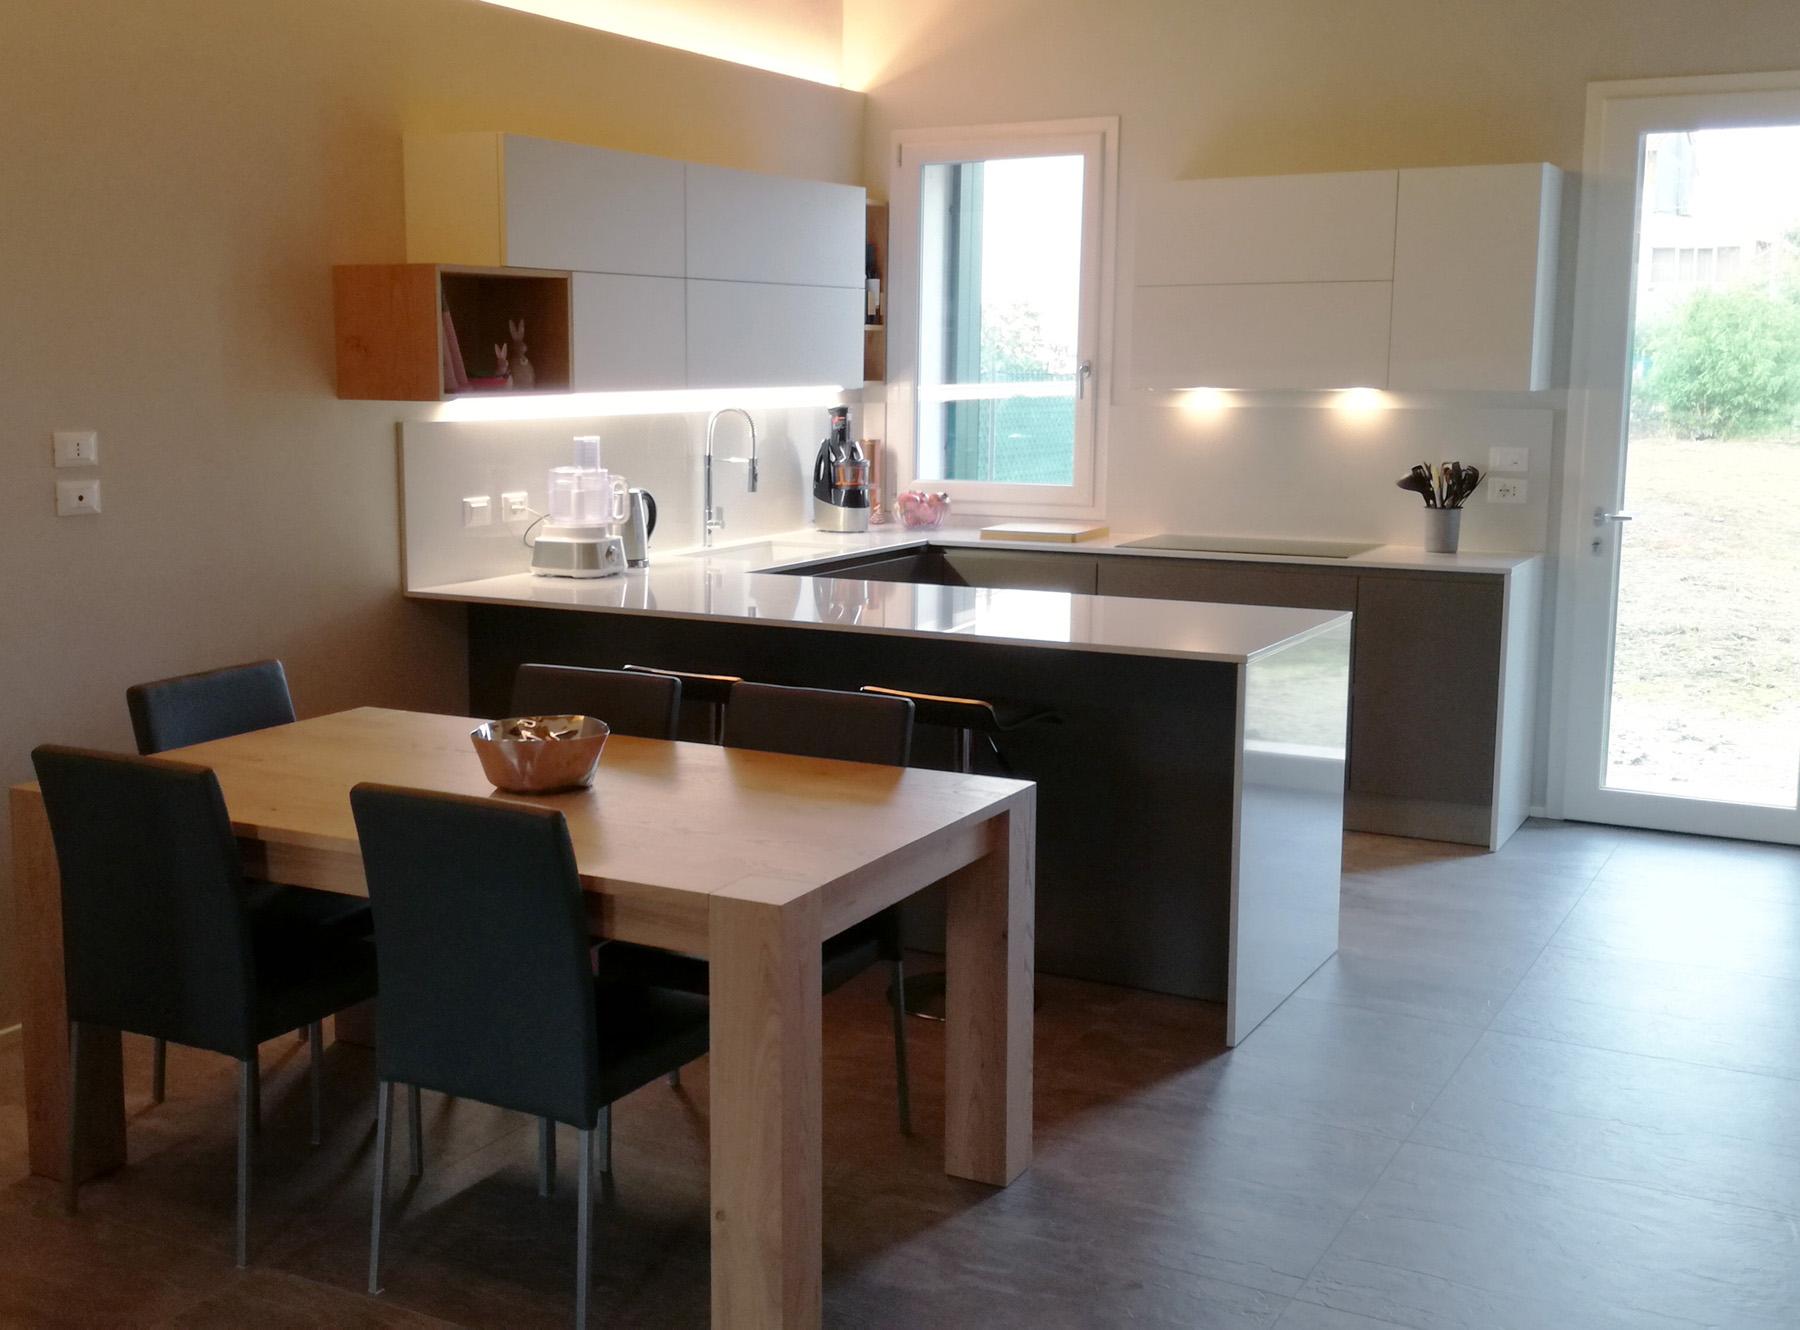 Cucina Laccata Grigio e Bianco con Penisola e Colonne Incassate ...